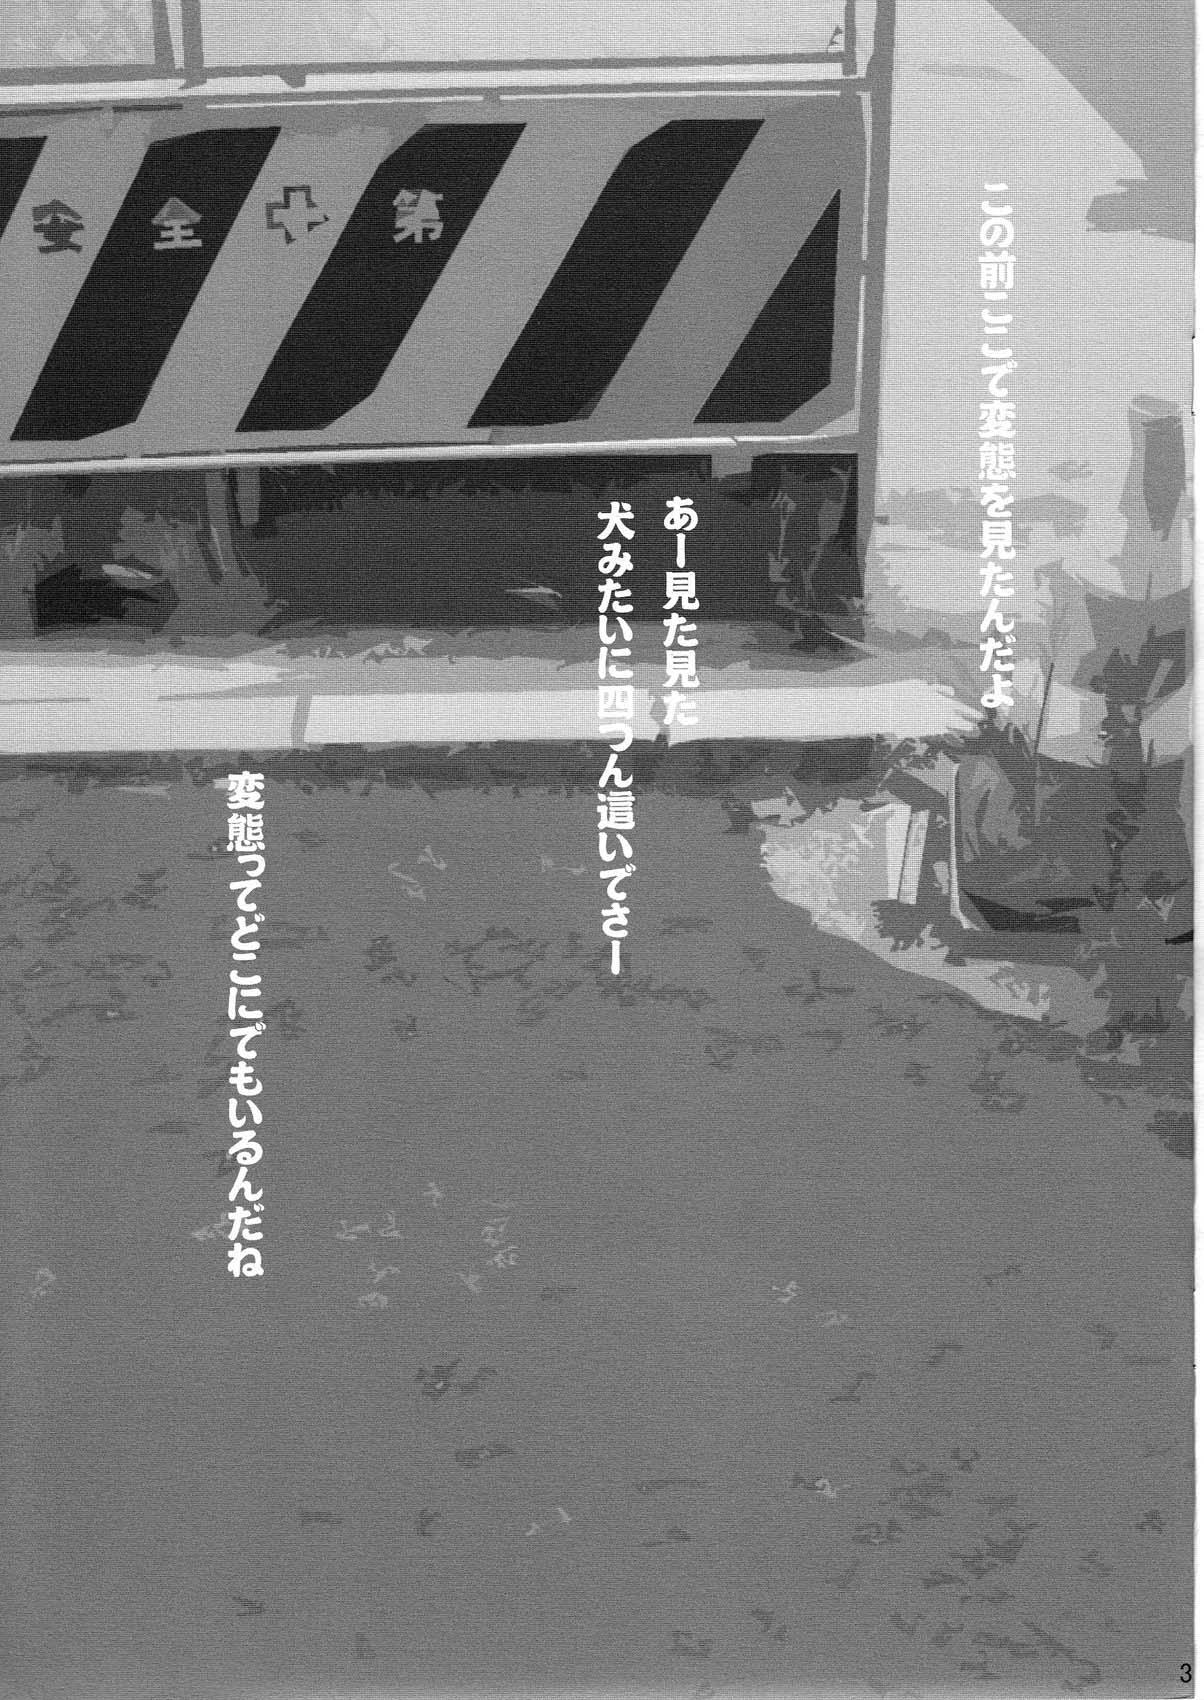 Ruri Ruri Chijoku Kanshou Ken 2